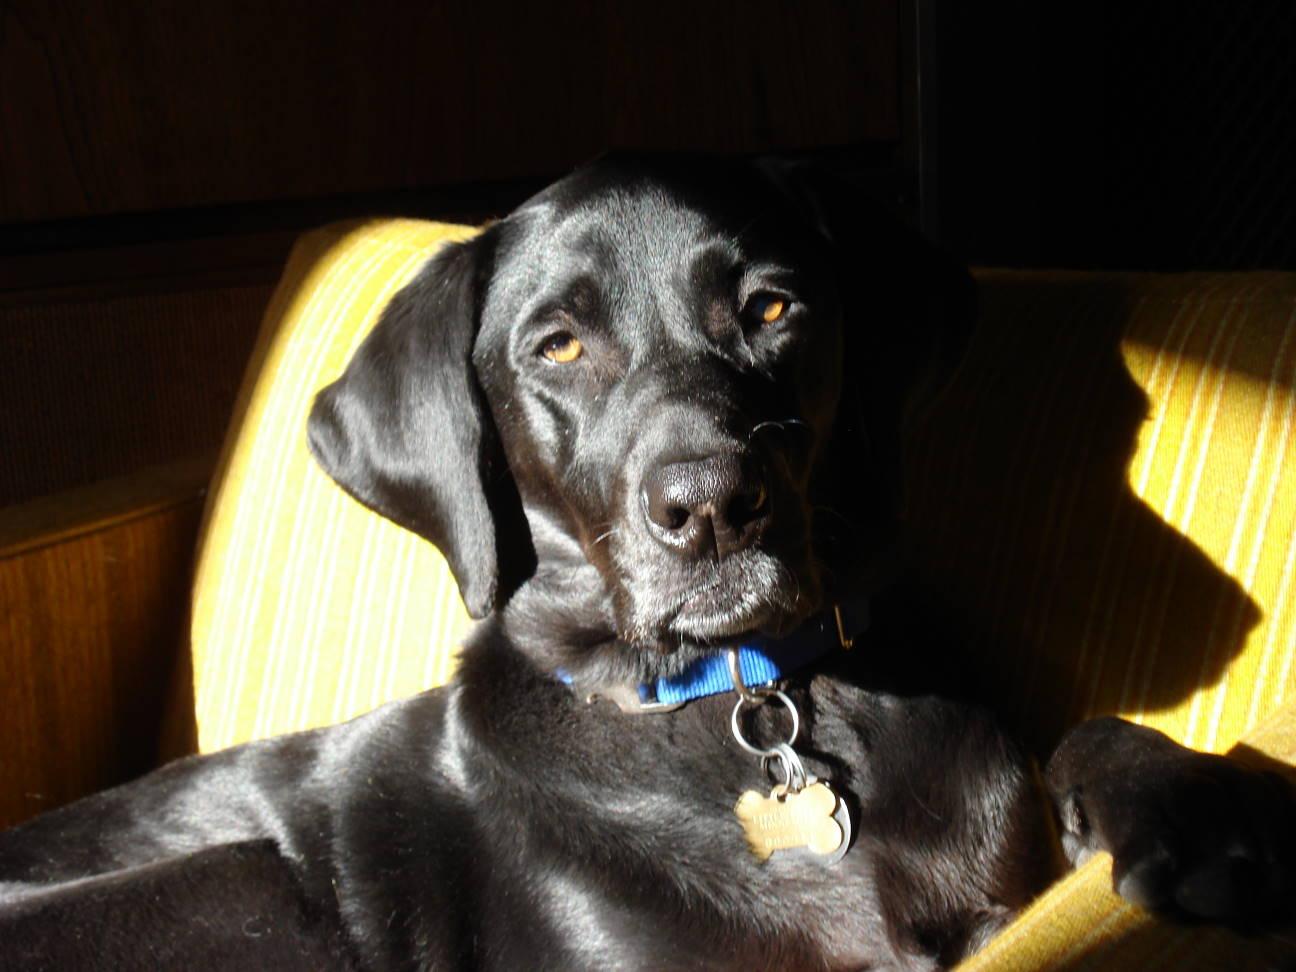 Shiny Puppy